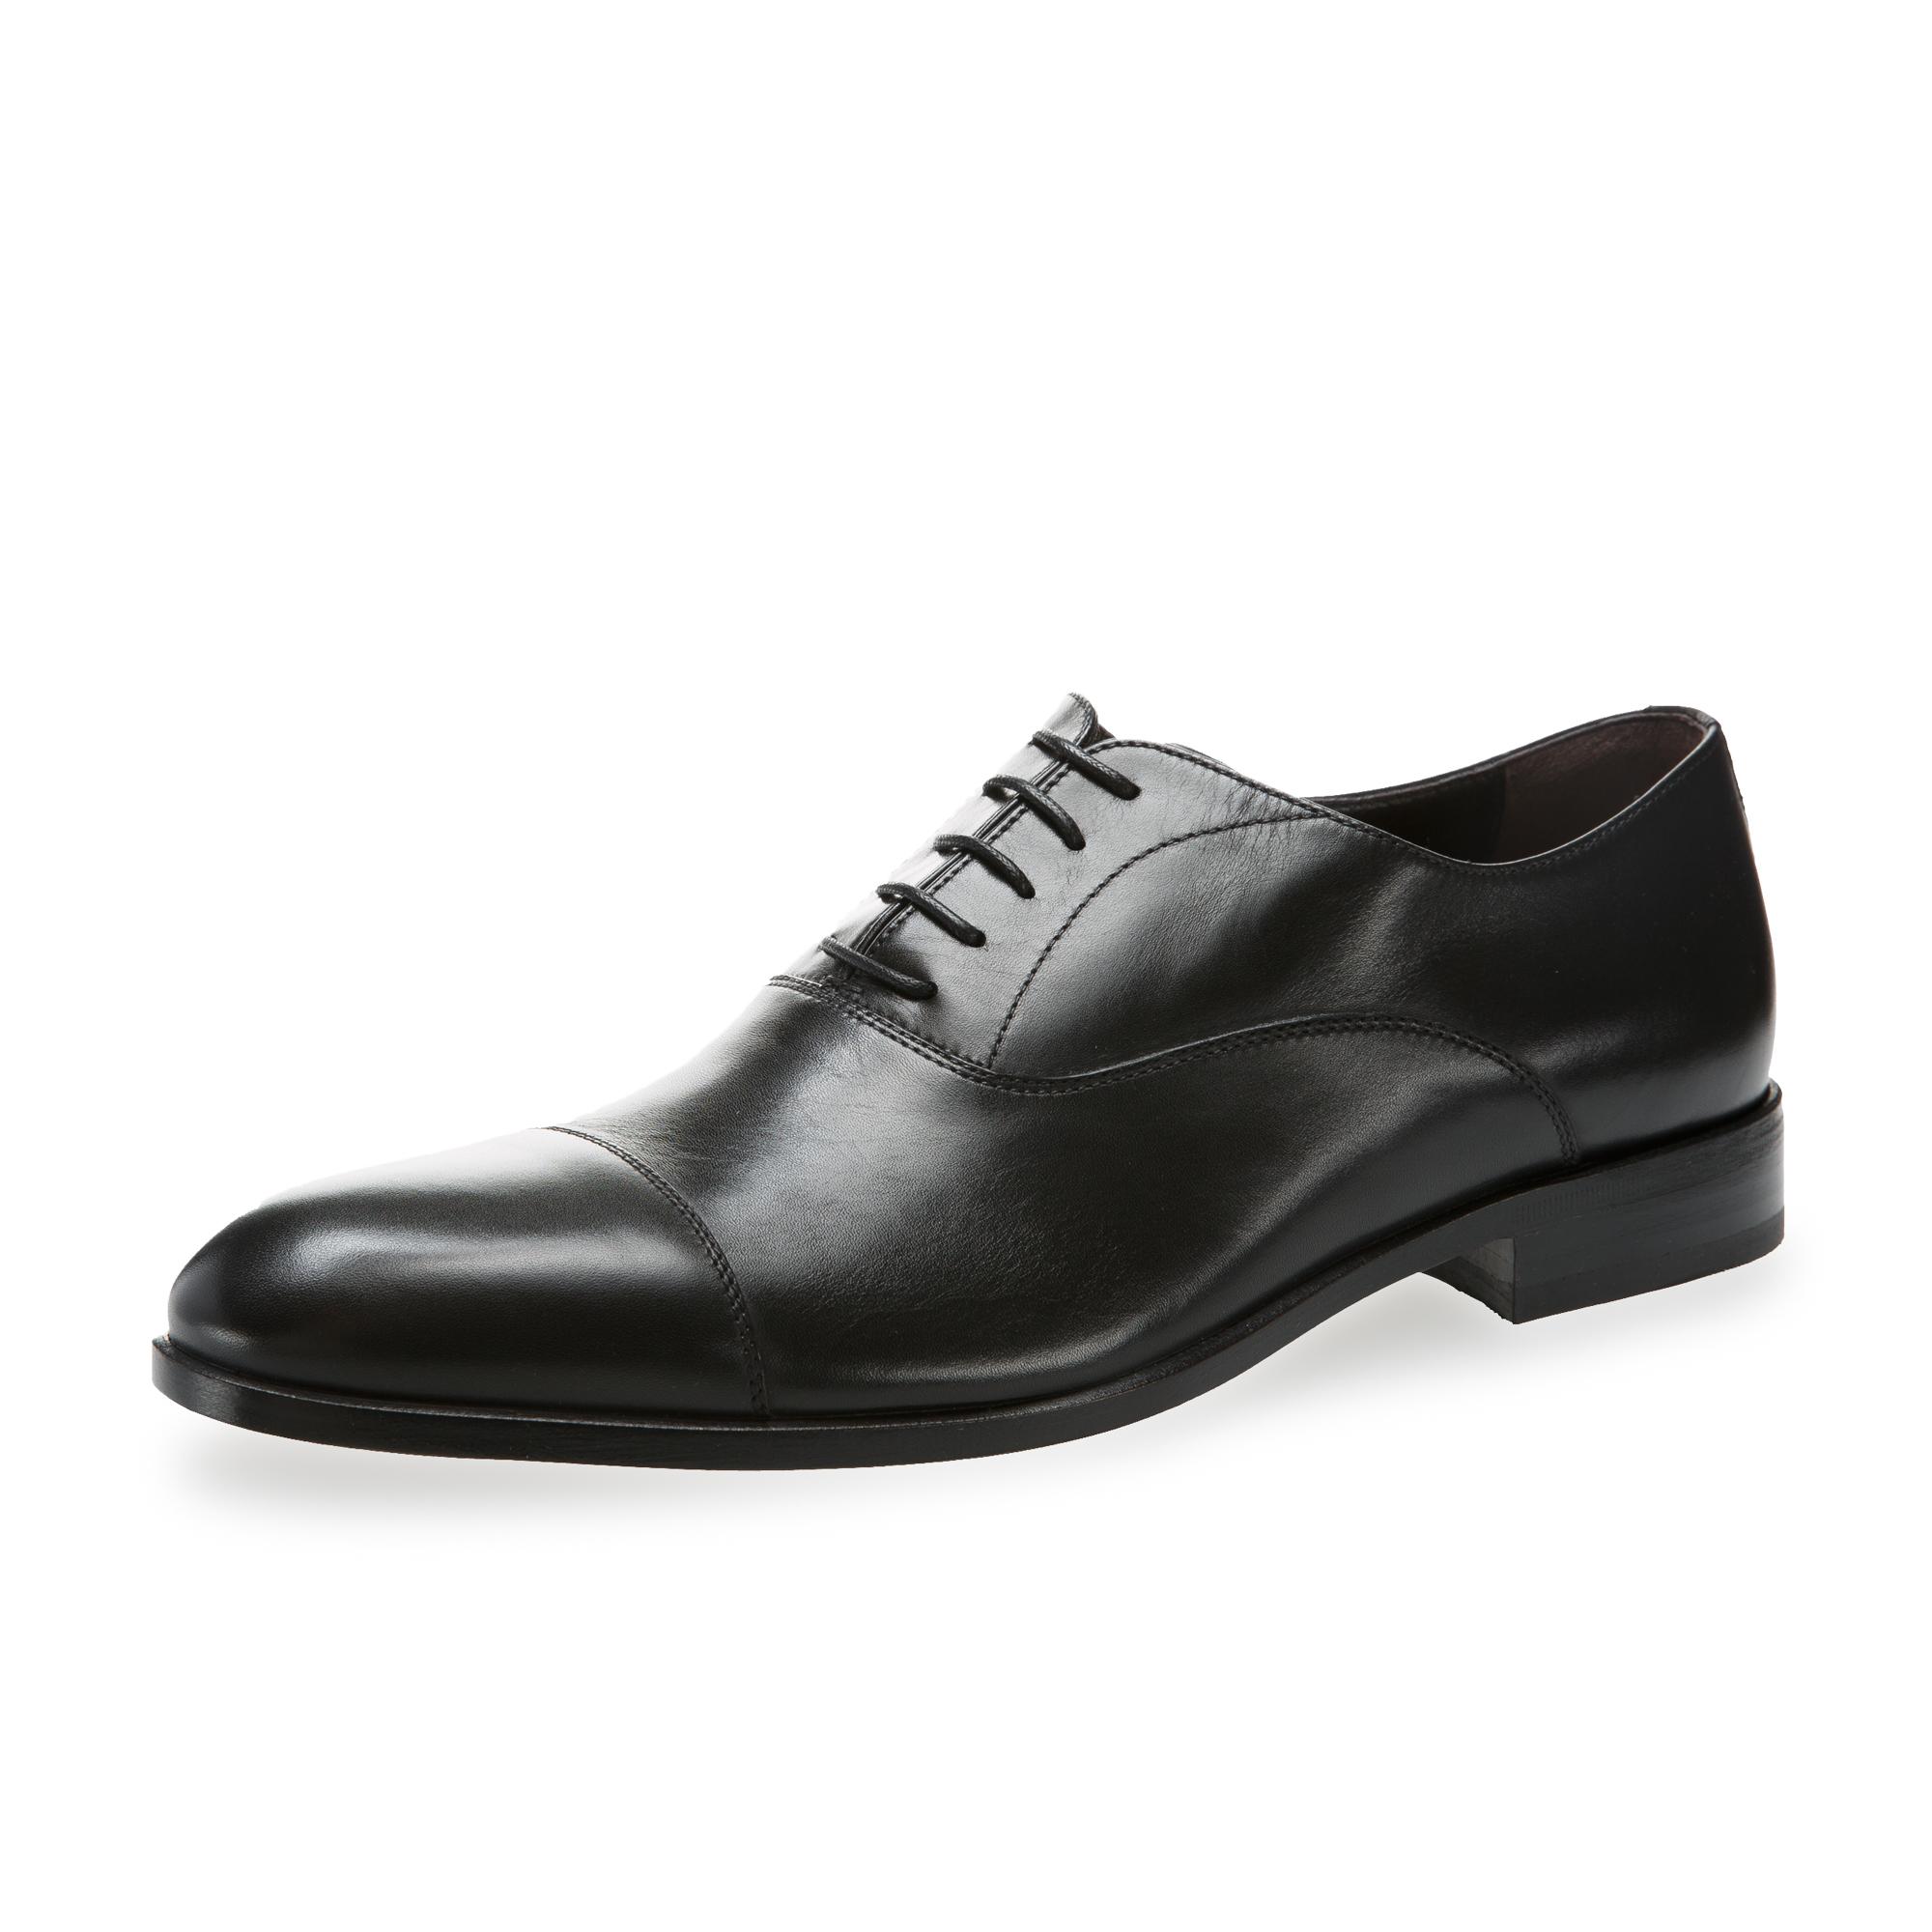 意大利原产germano bellesi系带浅口皮鞋男士皮鞋764 黑色 43